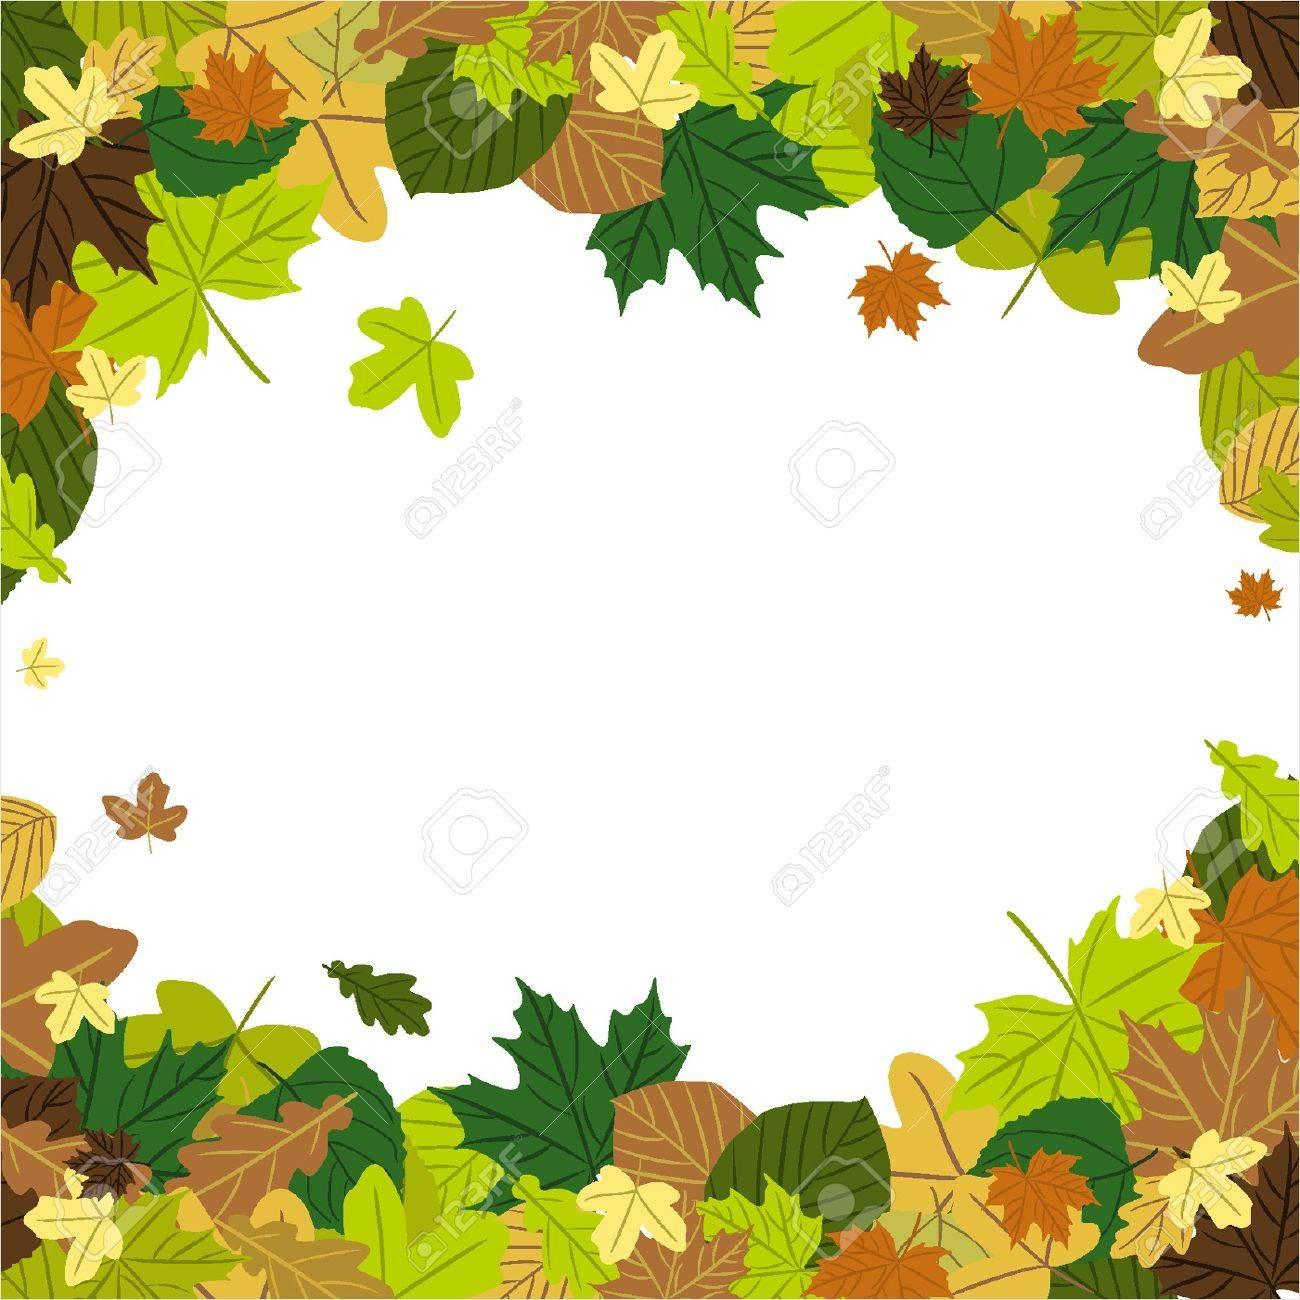 Hojas de otoño en el viento Foto de archivo - 18134320